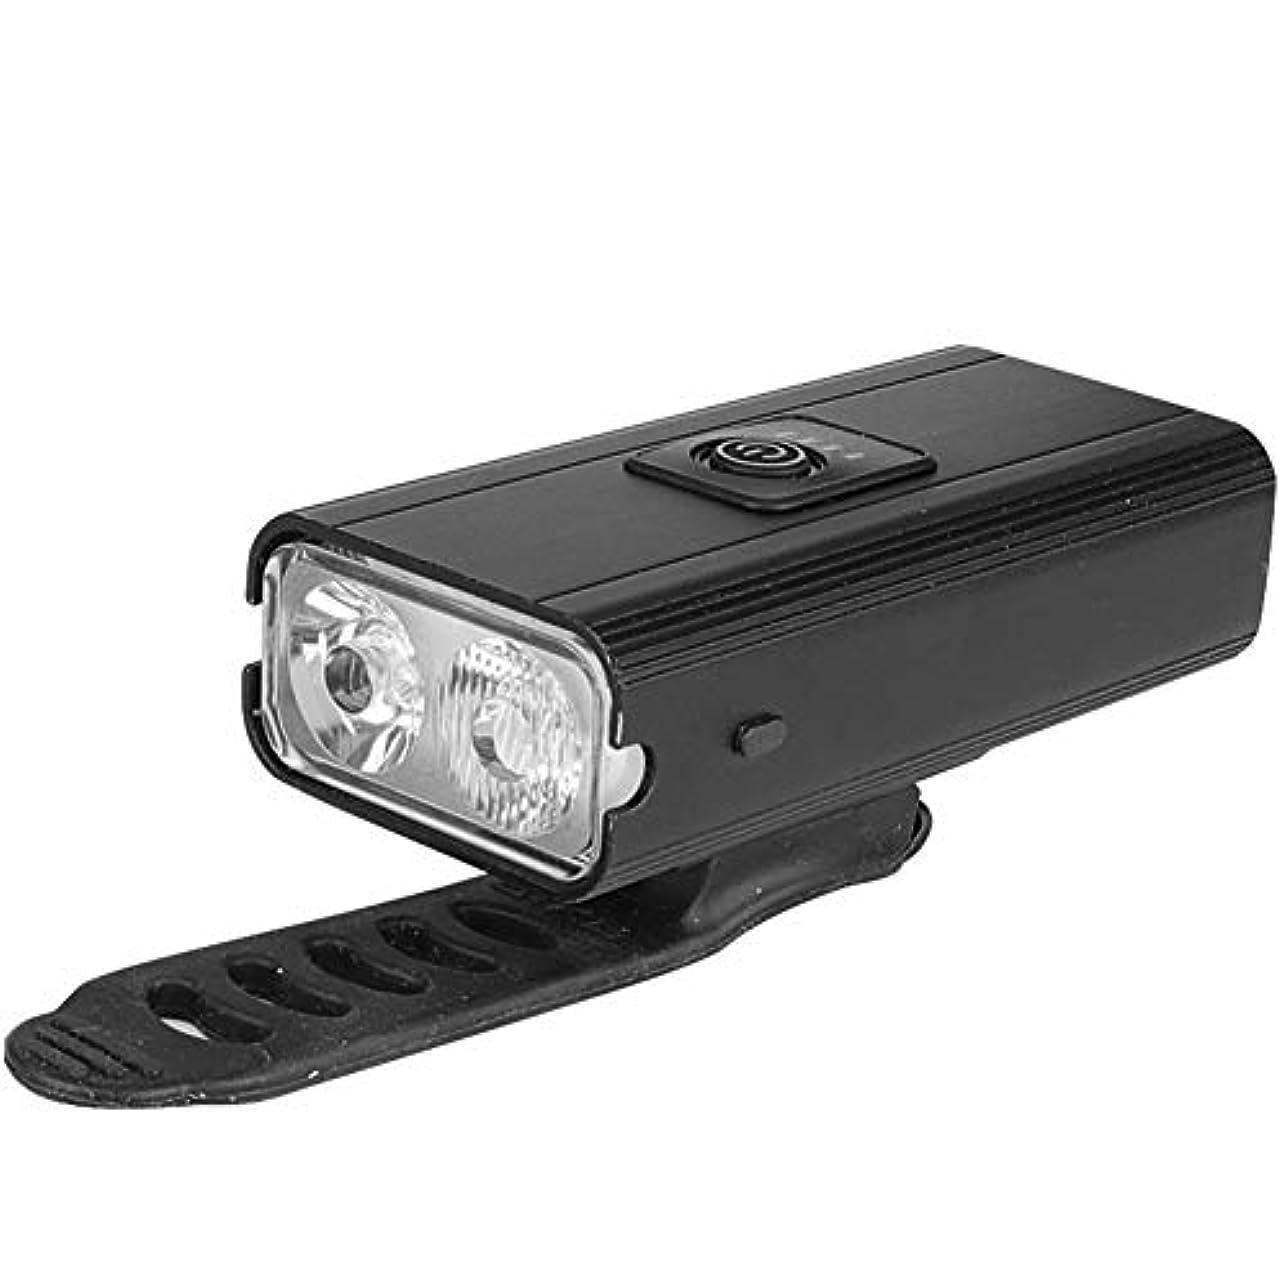 切り離すしてはいけません白鳥USB自転車ライトは、充電式自転車ライトサイド道ハイキングキャンプサイクリングウォーキング用電源ディスプレイの光リマインダー防水6つの照明モードを赤